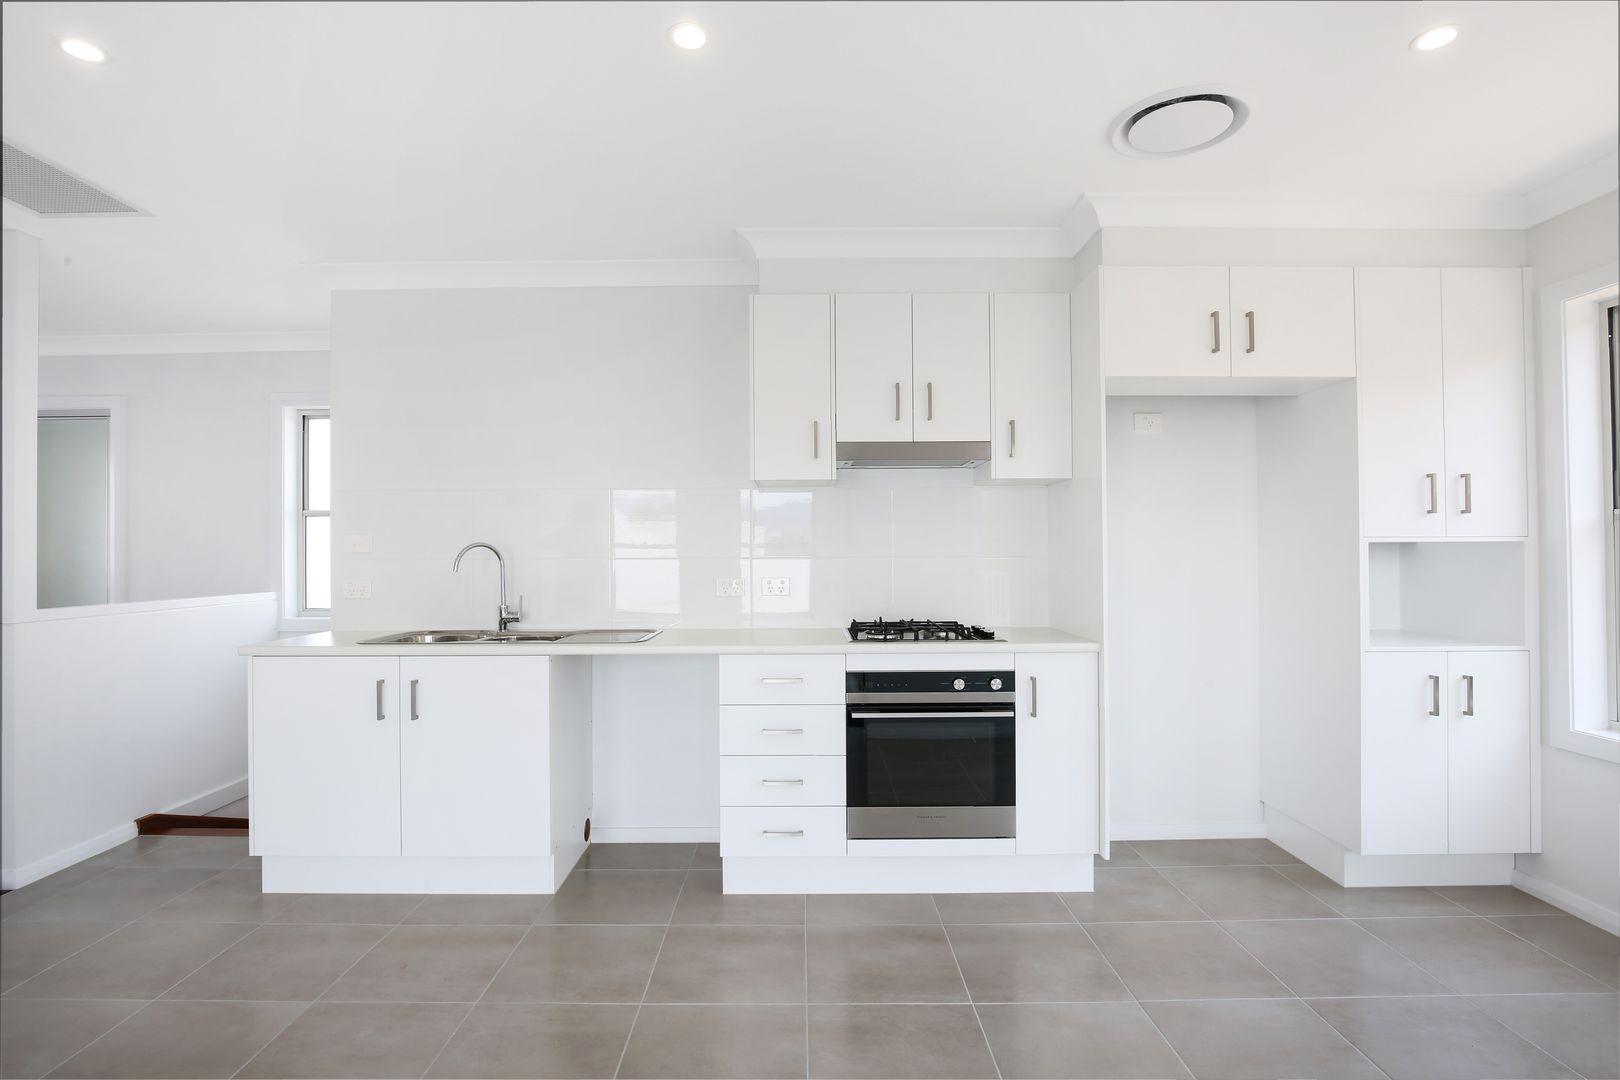 36A Wongawilli  Street, Tullimbar NSW 2527, Image 1